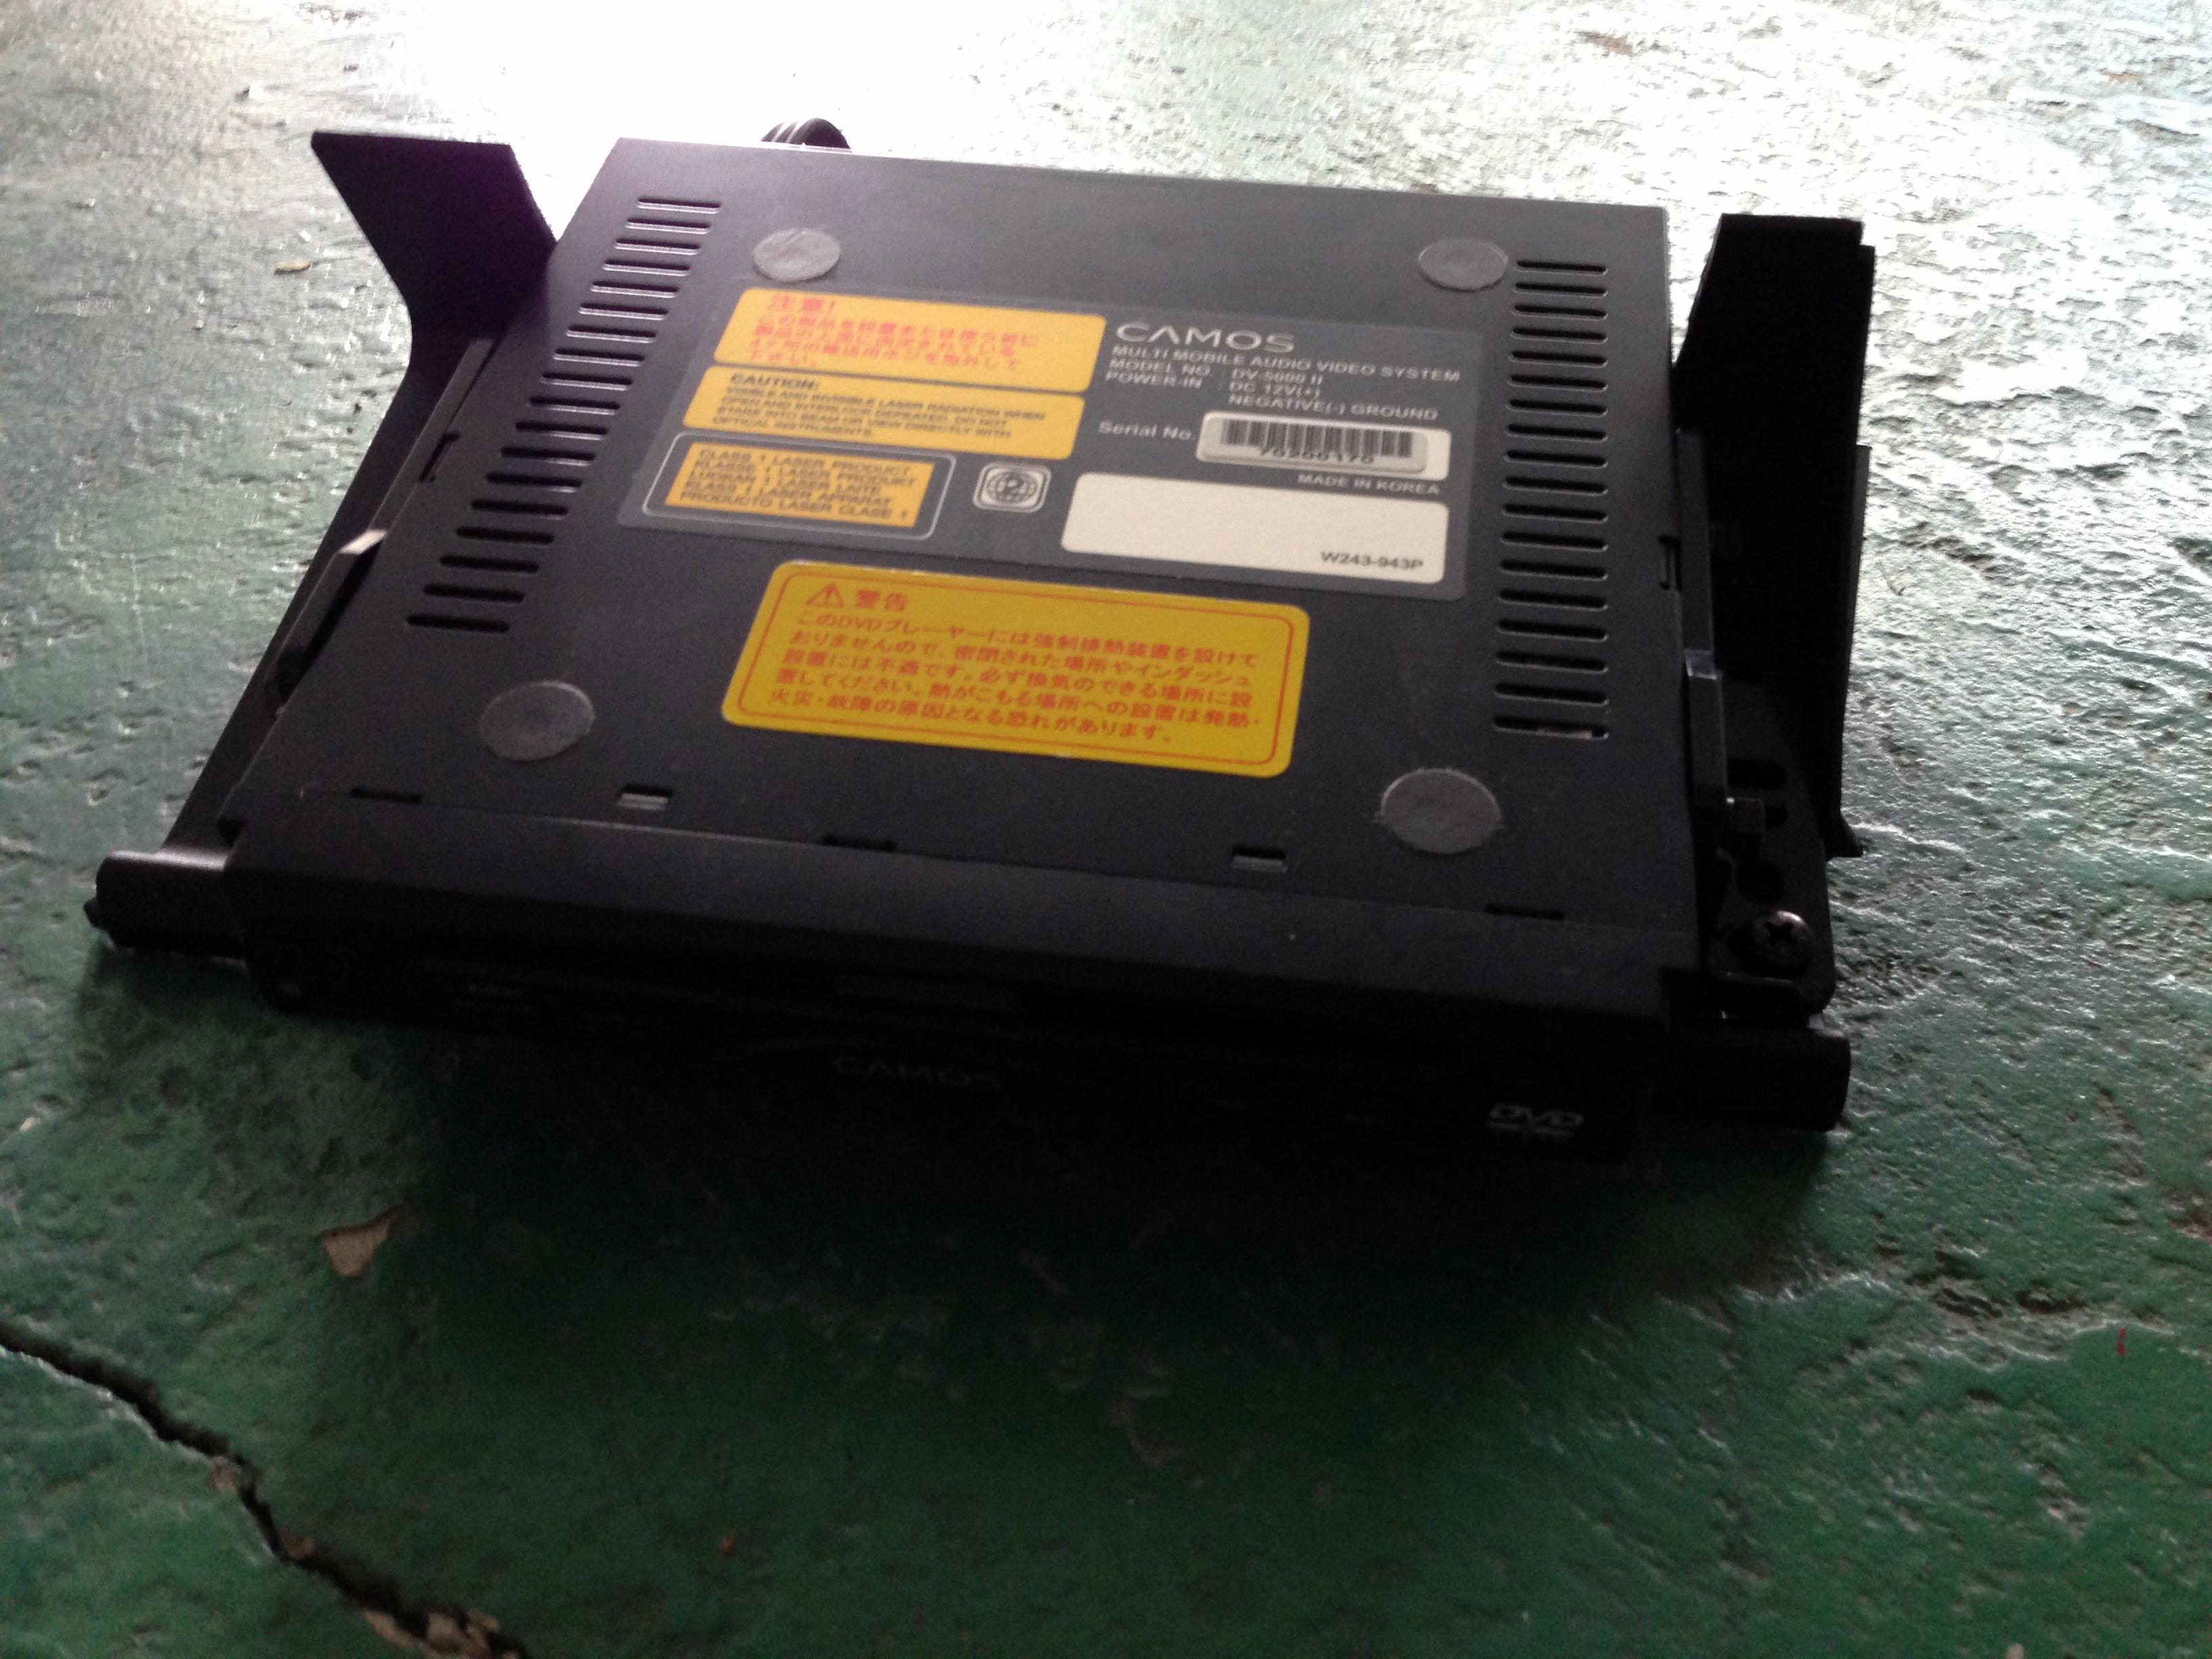 DVDプレイヤーを設置する為にトレーを加工